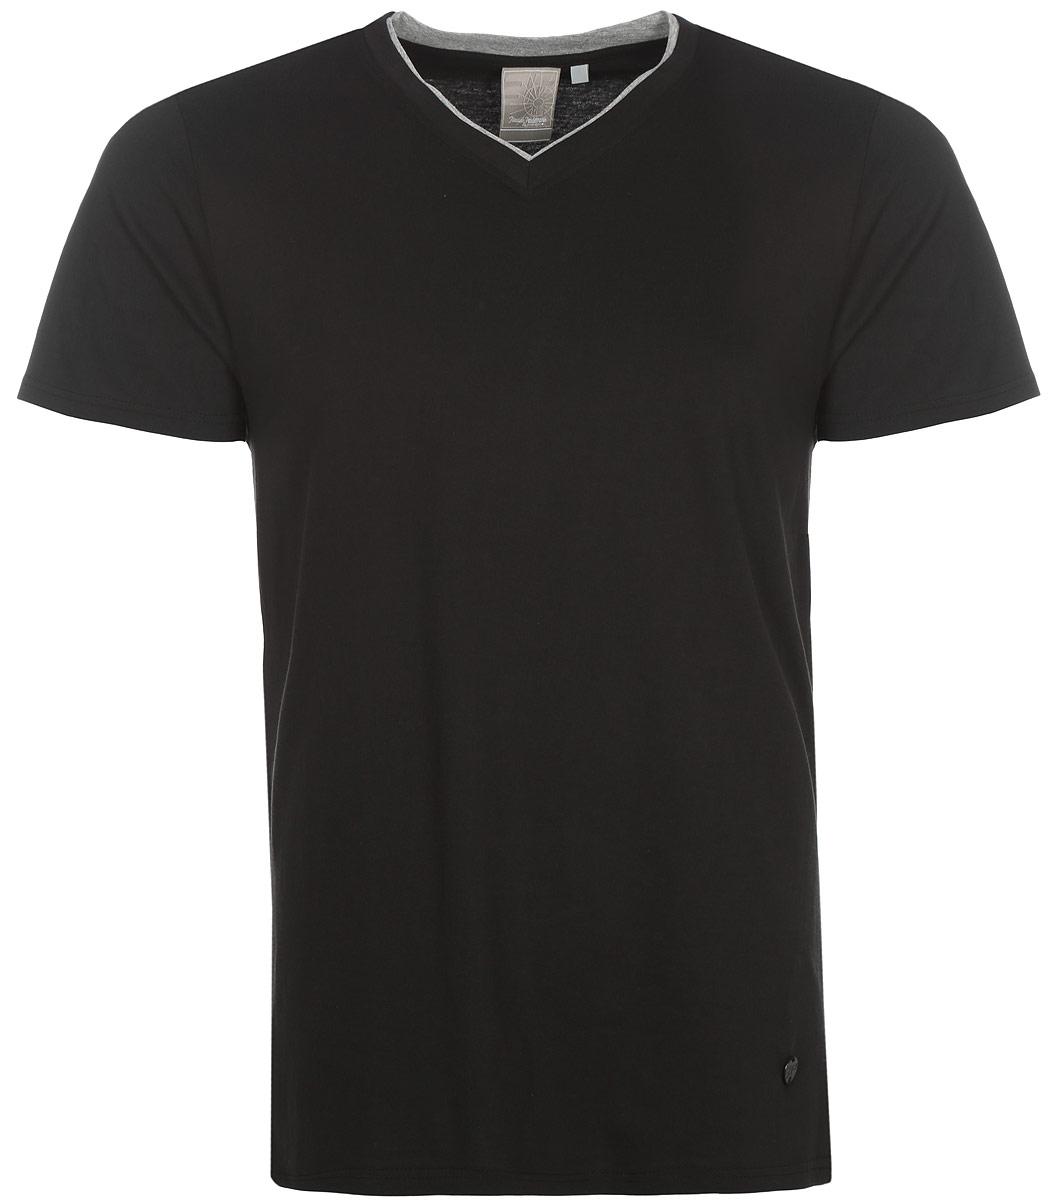 Футболка мужская Icepeak, цвет: черный. 757725514IVT_990. Размер XL (54)757725514IVT_990Мужская футболка Icepeak изготовлена из натурального хлопка. Модель прямого кроя выполнена с V-образной горловиной и короткими рукавами.